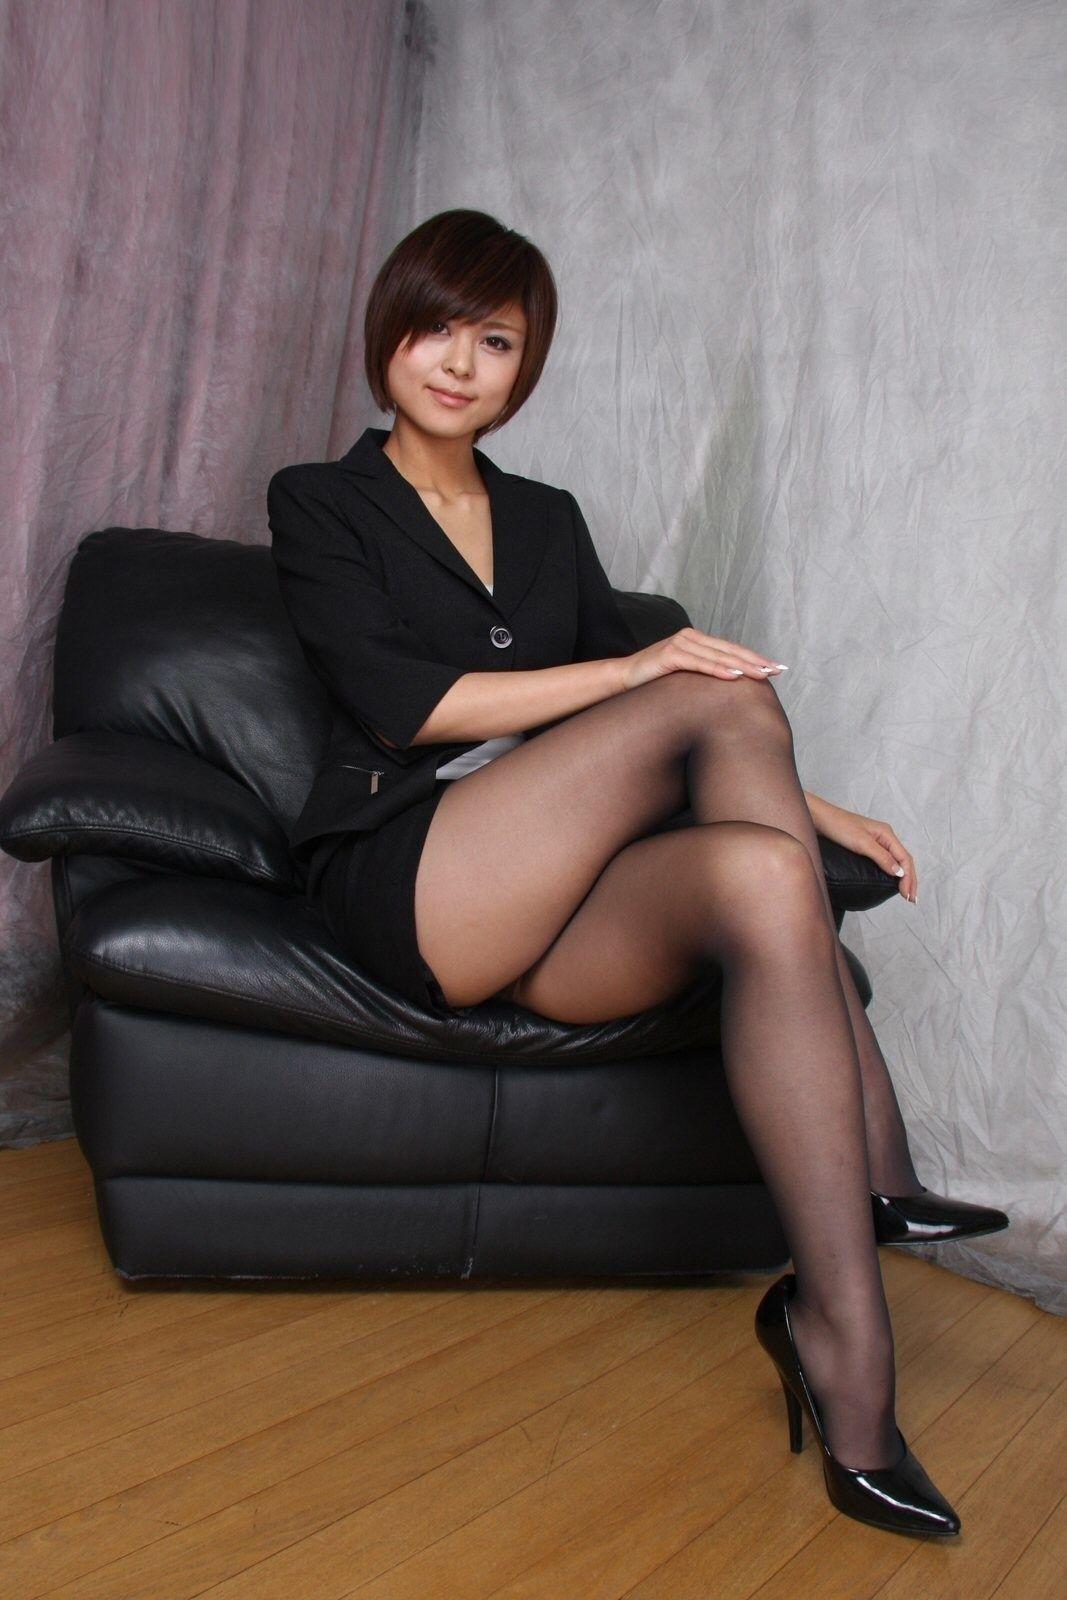 Porn movie Beautiful asian women nude asian women